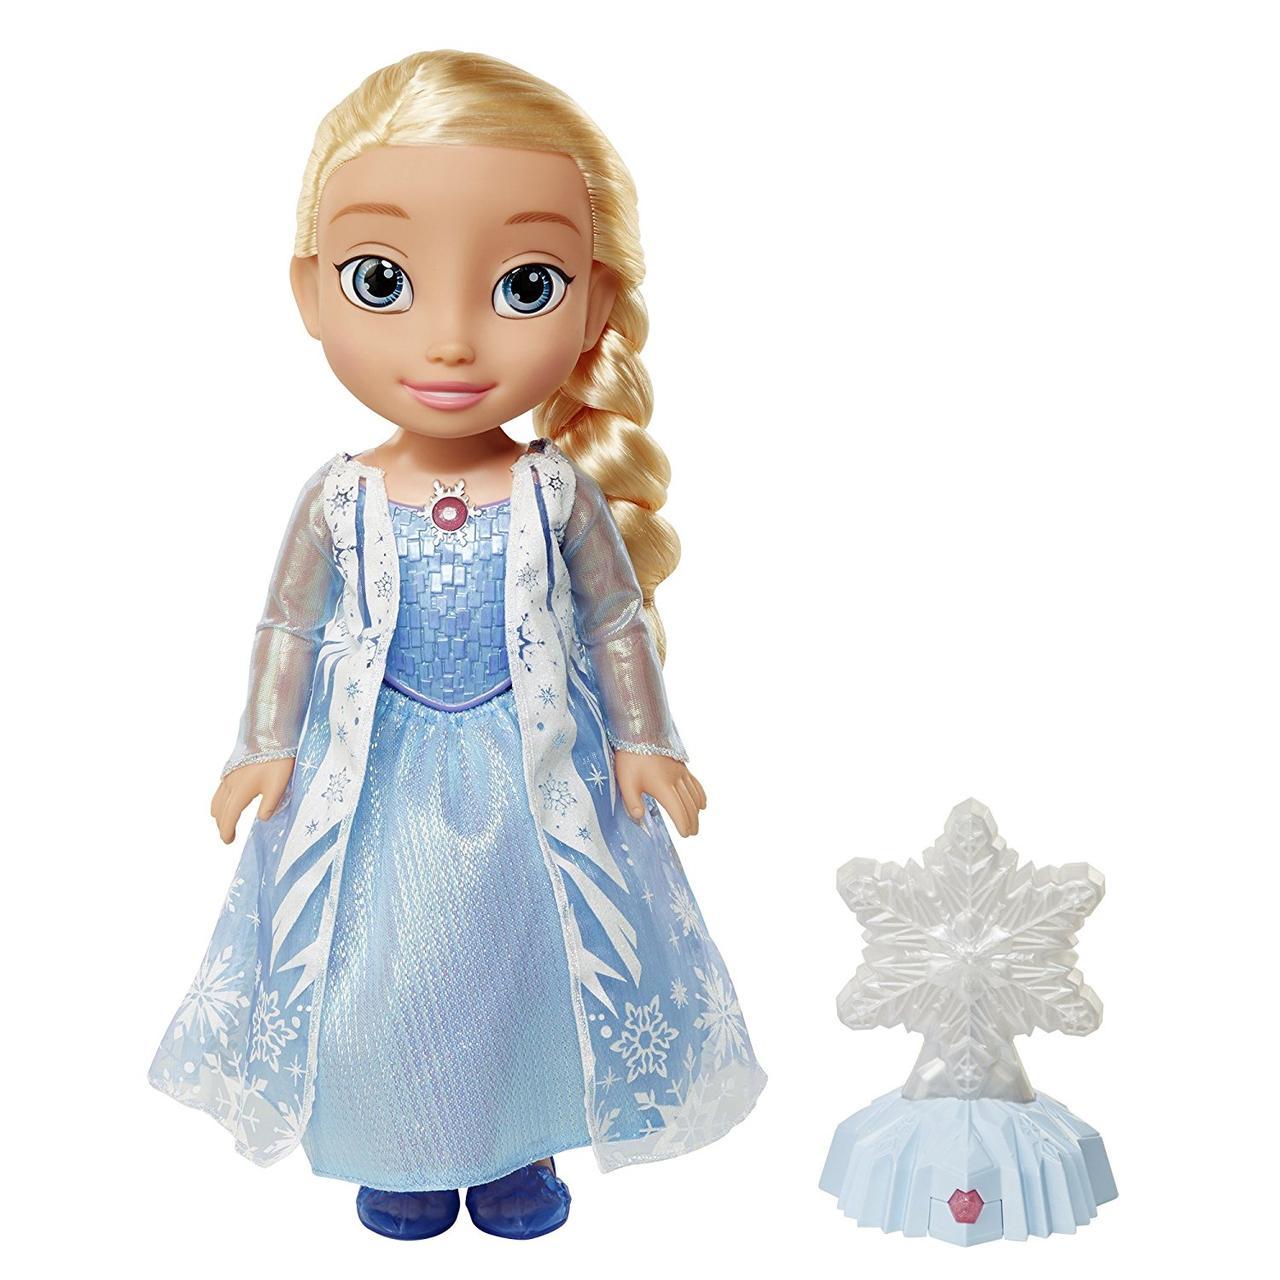 Кукла Дисней принцесса Эльза Холодное сердце Северное сияние Disney Frozen Northern Lights Elsa Doll